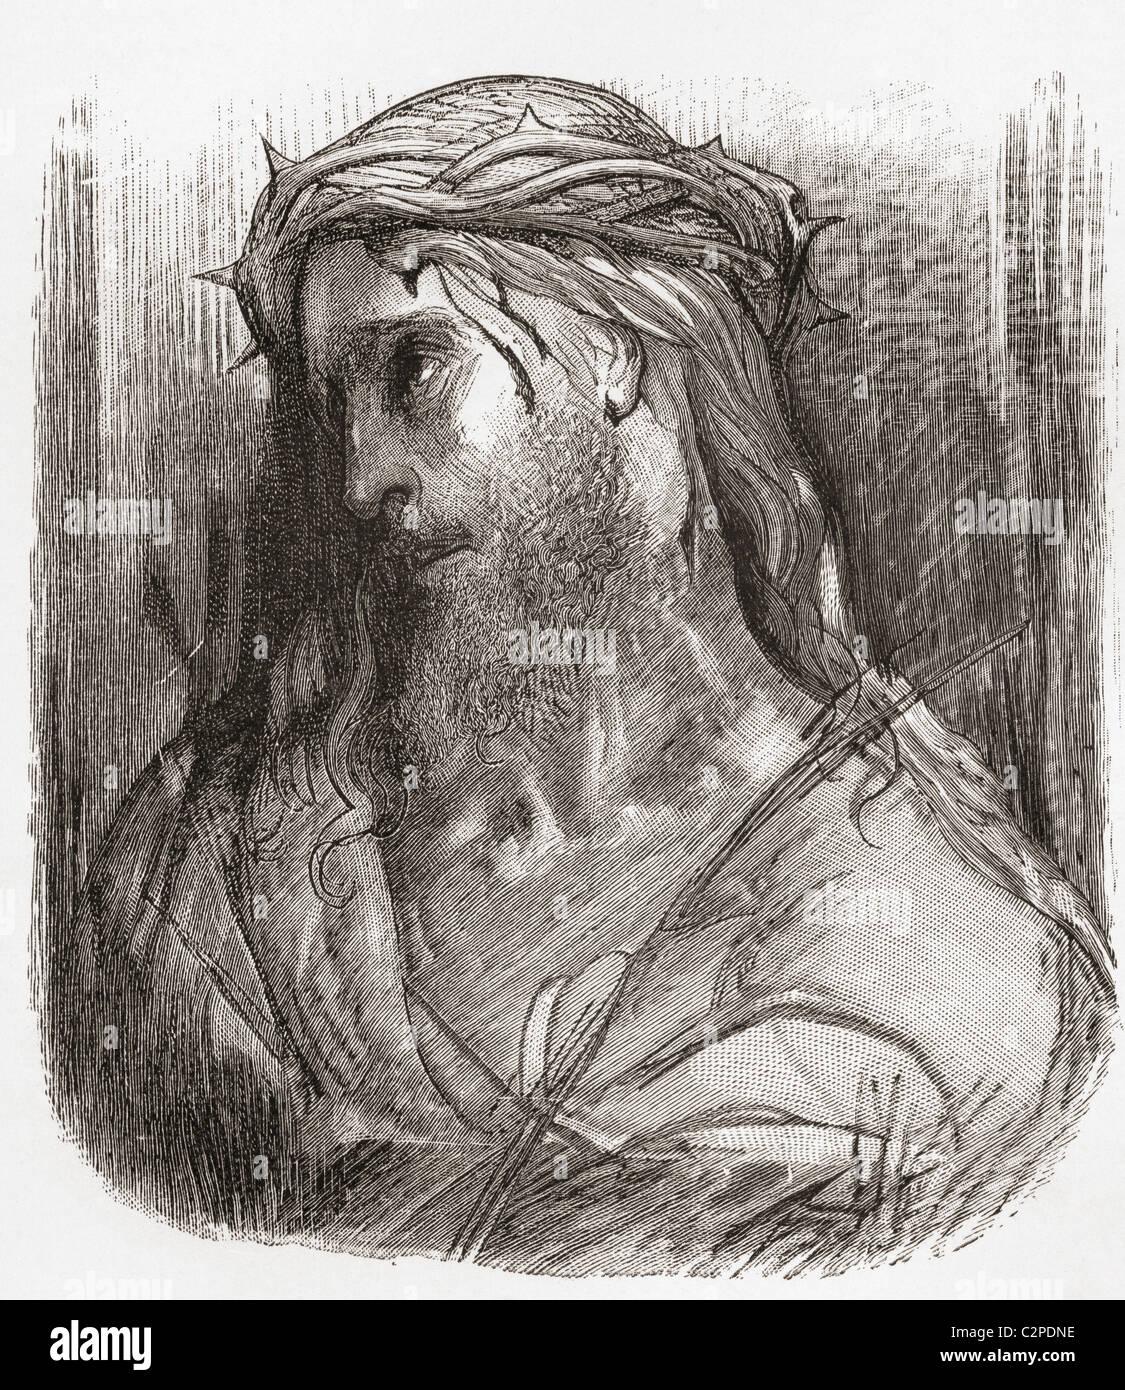 Kopf des Christus, nach der ursprünglichen Zeichnung von Gustave Dore. Stockbild